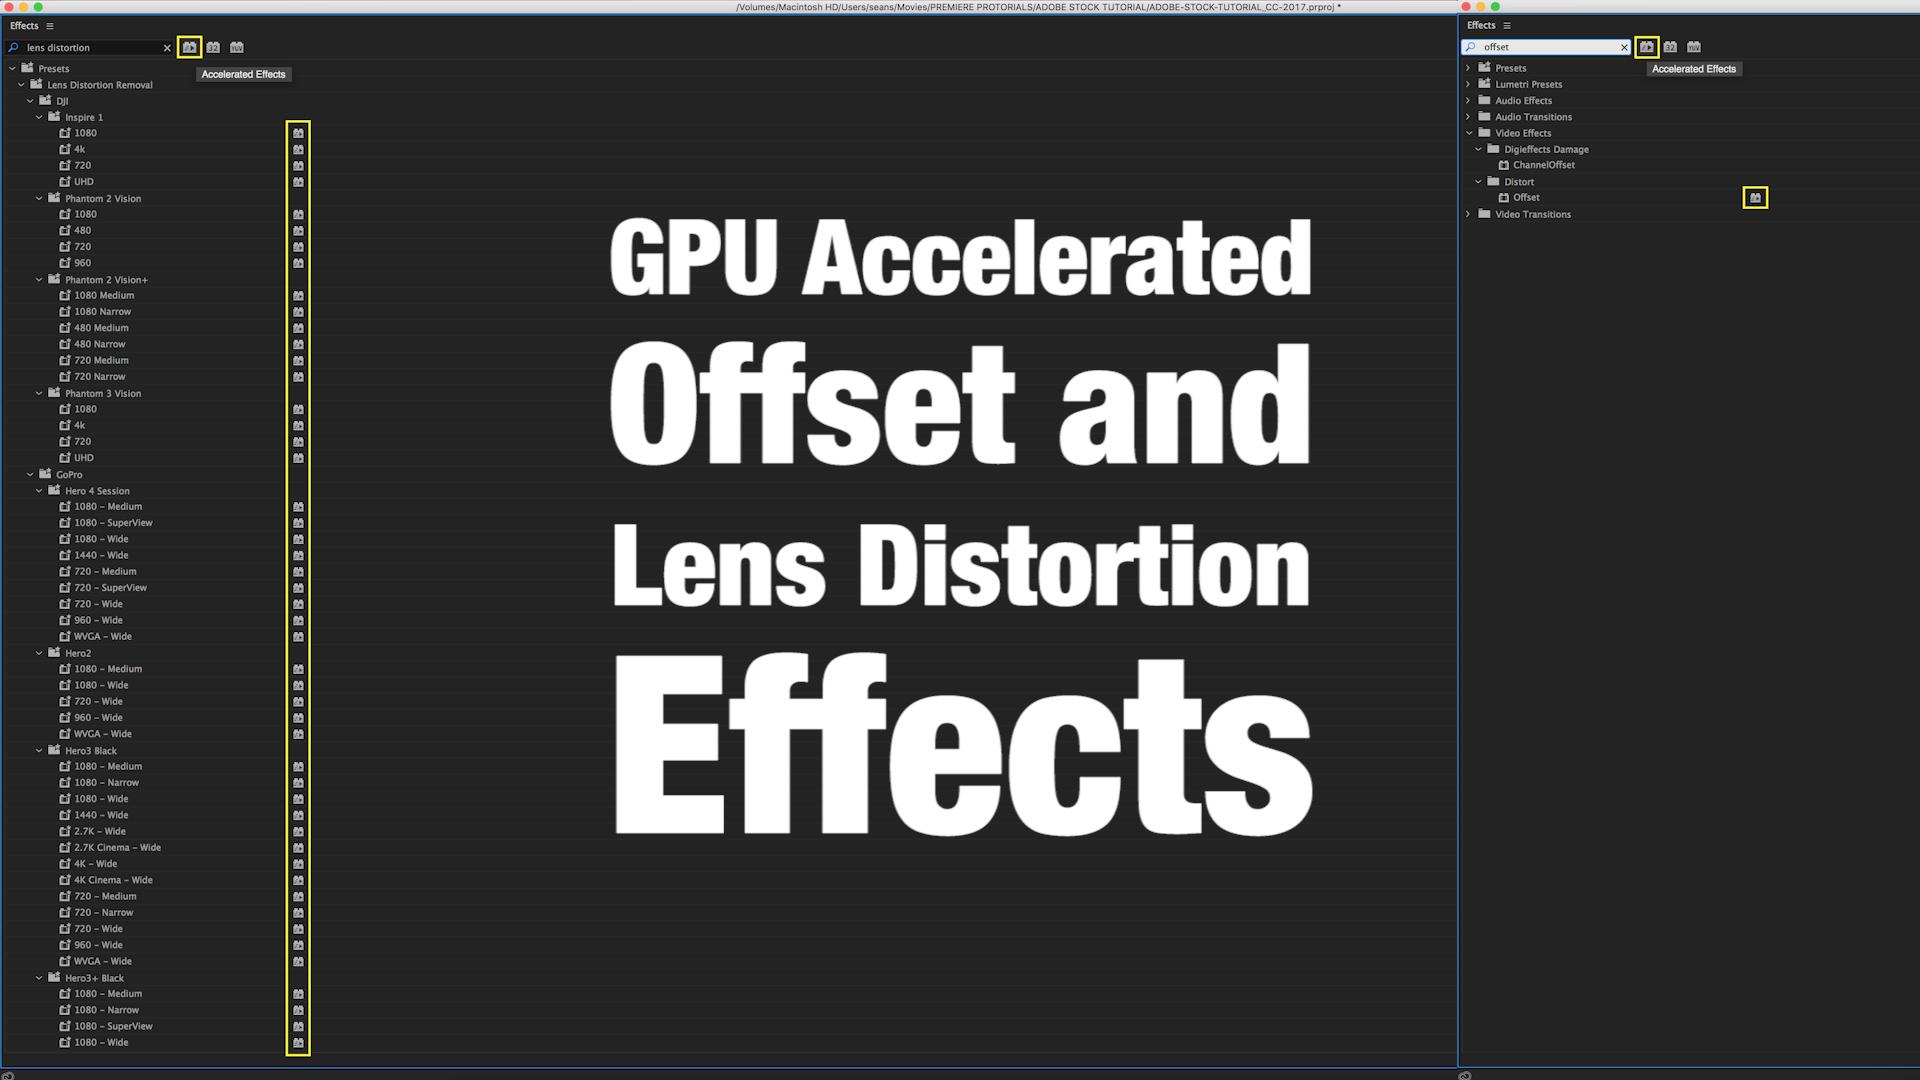 gpu-accelerated-effects-premiere-pro-cc-2017.jpg